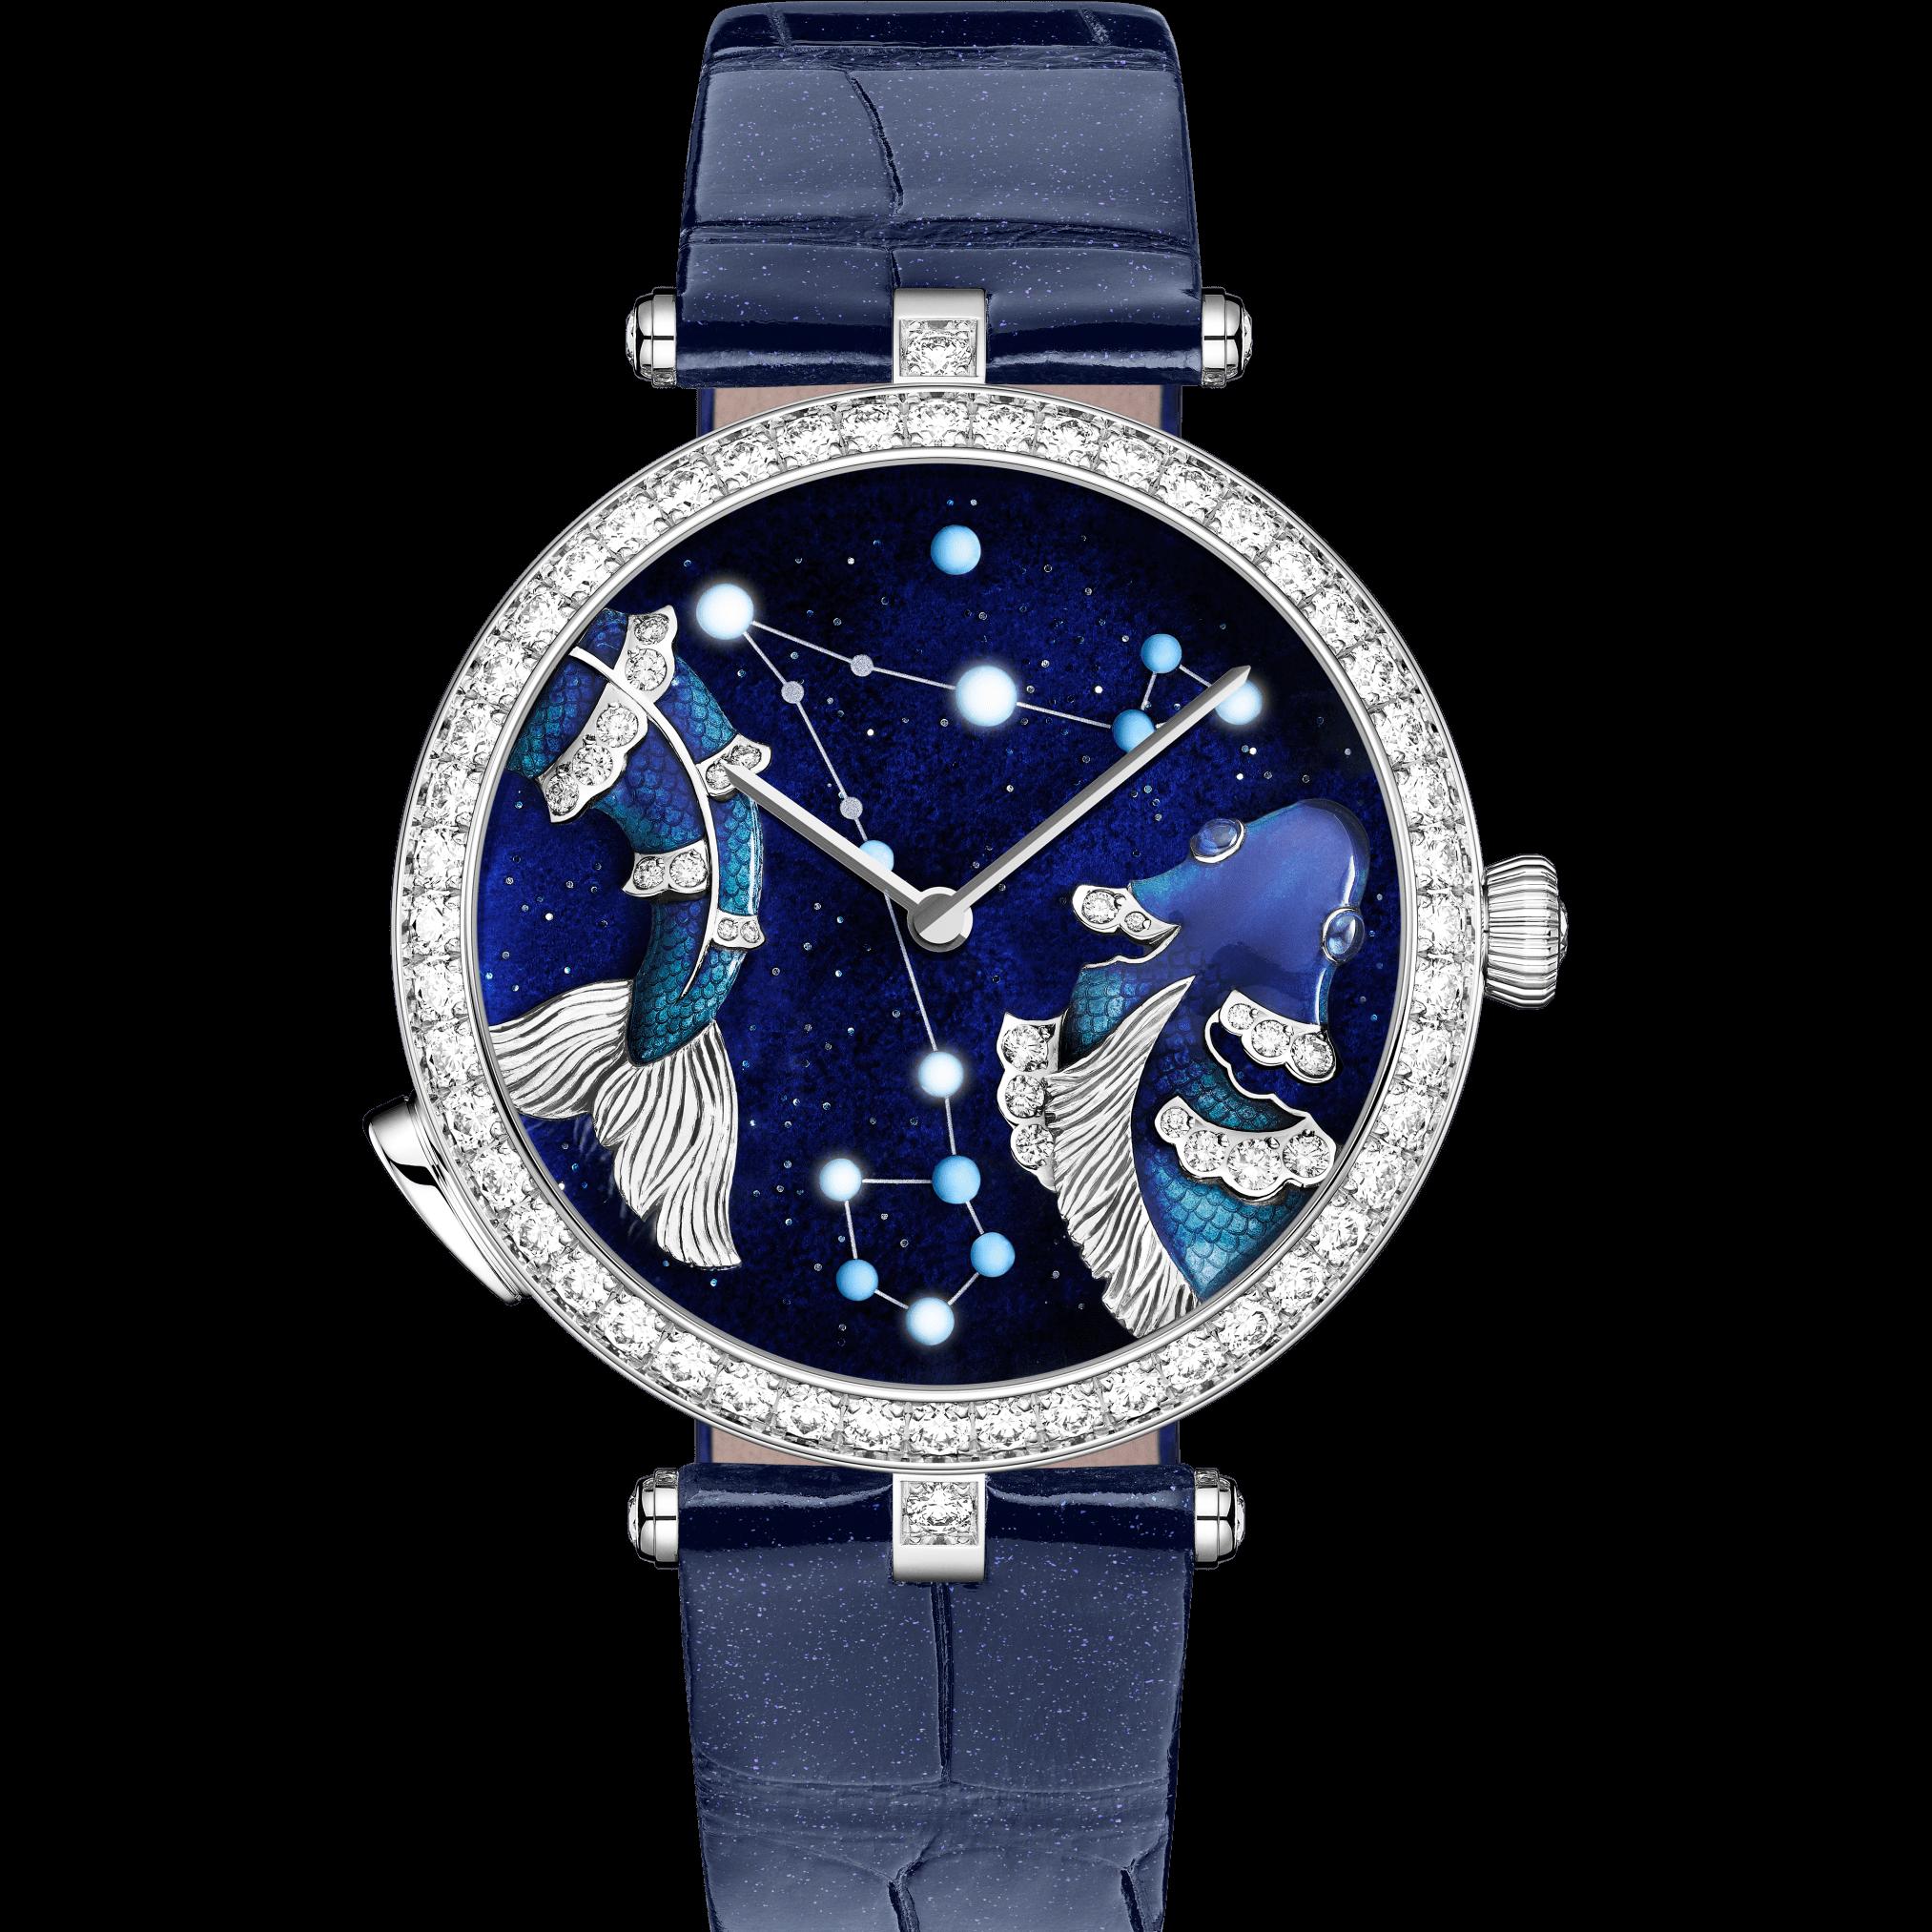 來自星星的你 Constellation Charm -水象星座腕表精選